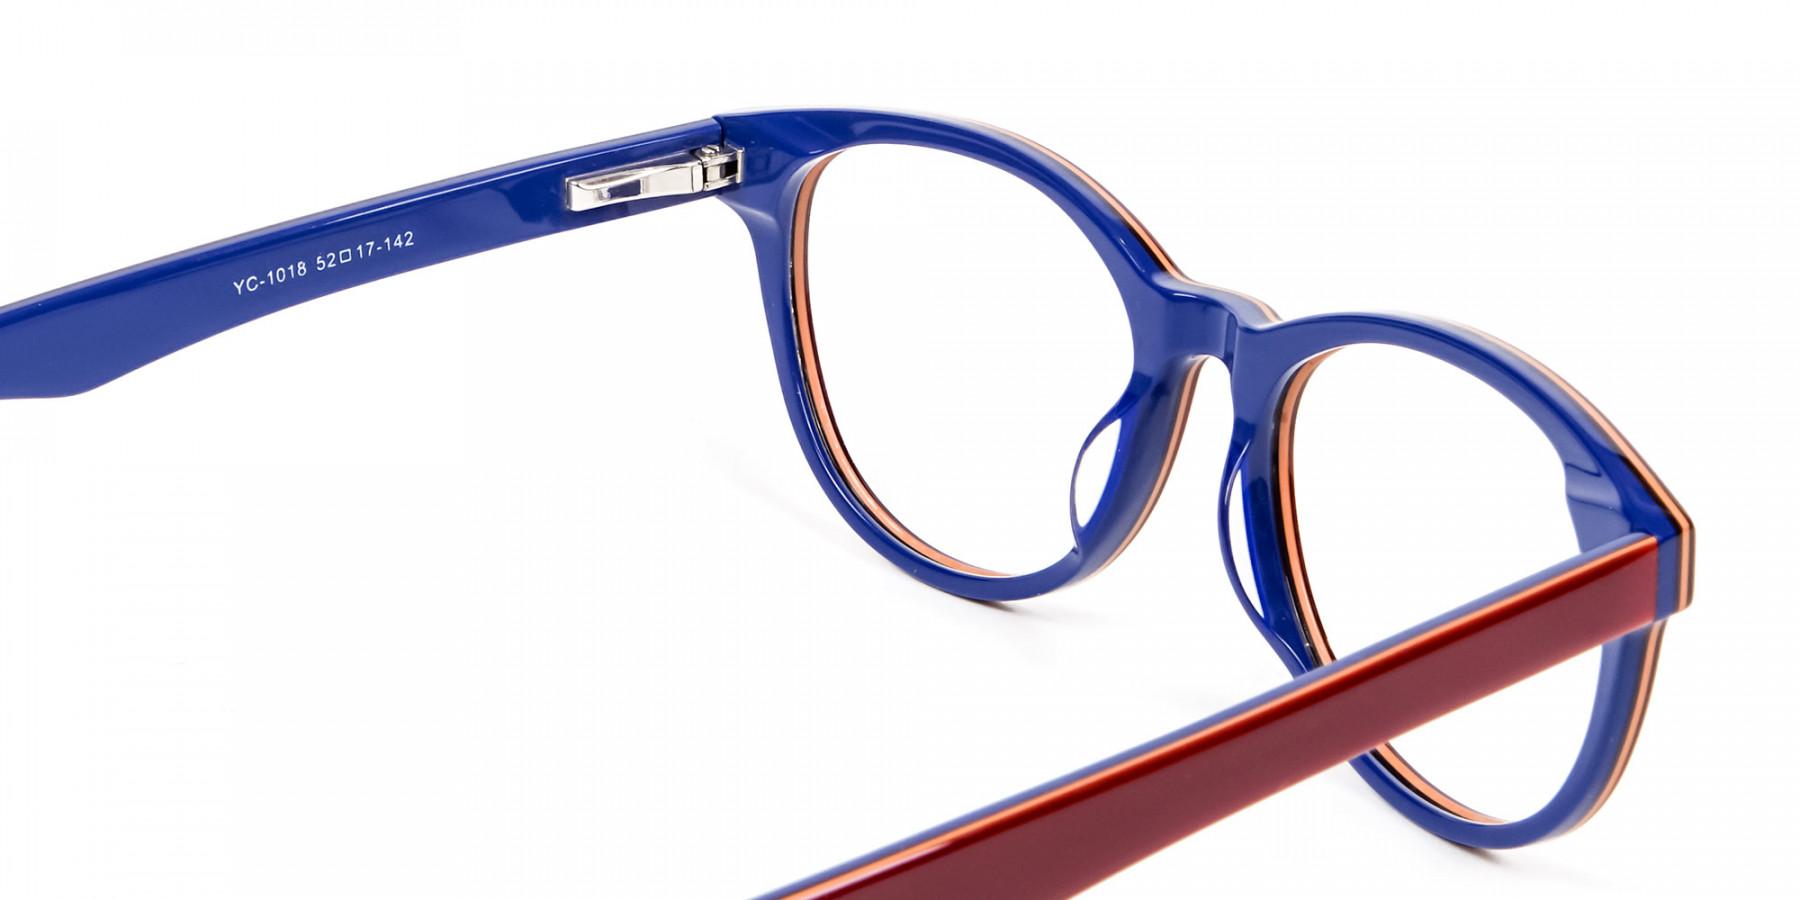 Mahogany & Navy Blue Frames